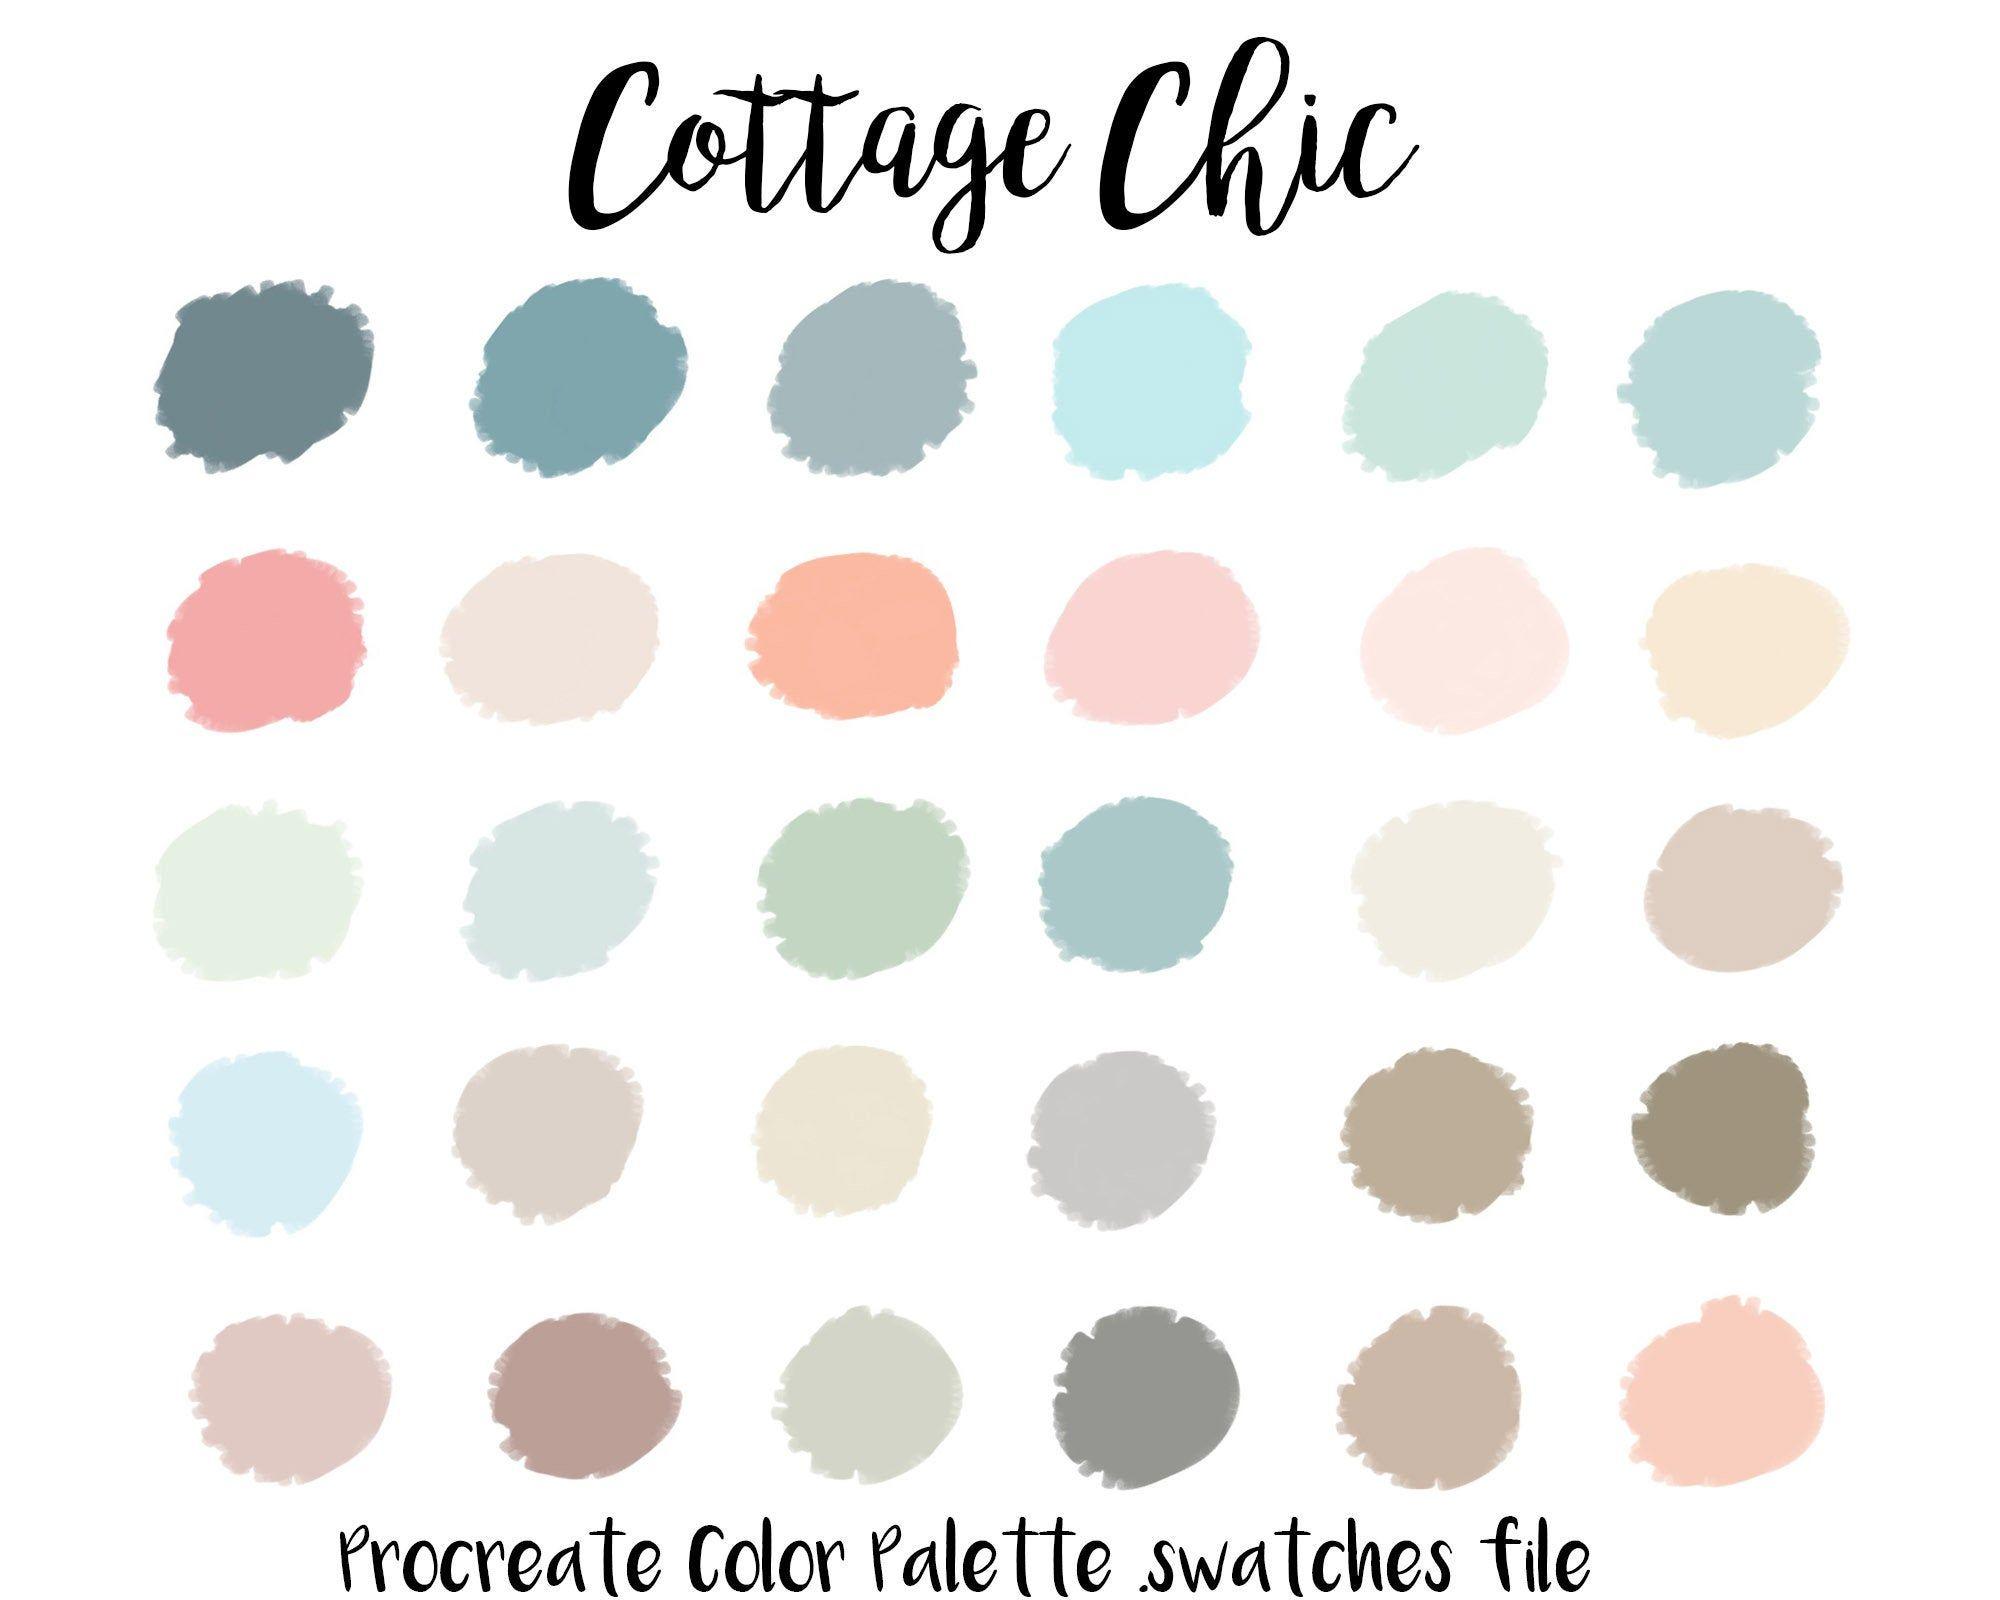 Procreate Color Palette Cottage Chic Procreate Swatches Etsy Color Palette Challenge Color Palette Pastel Colour Palette